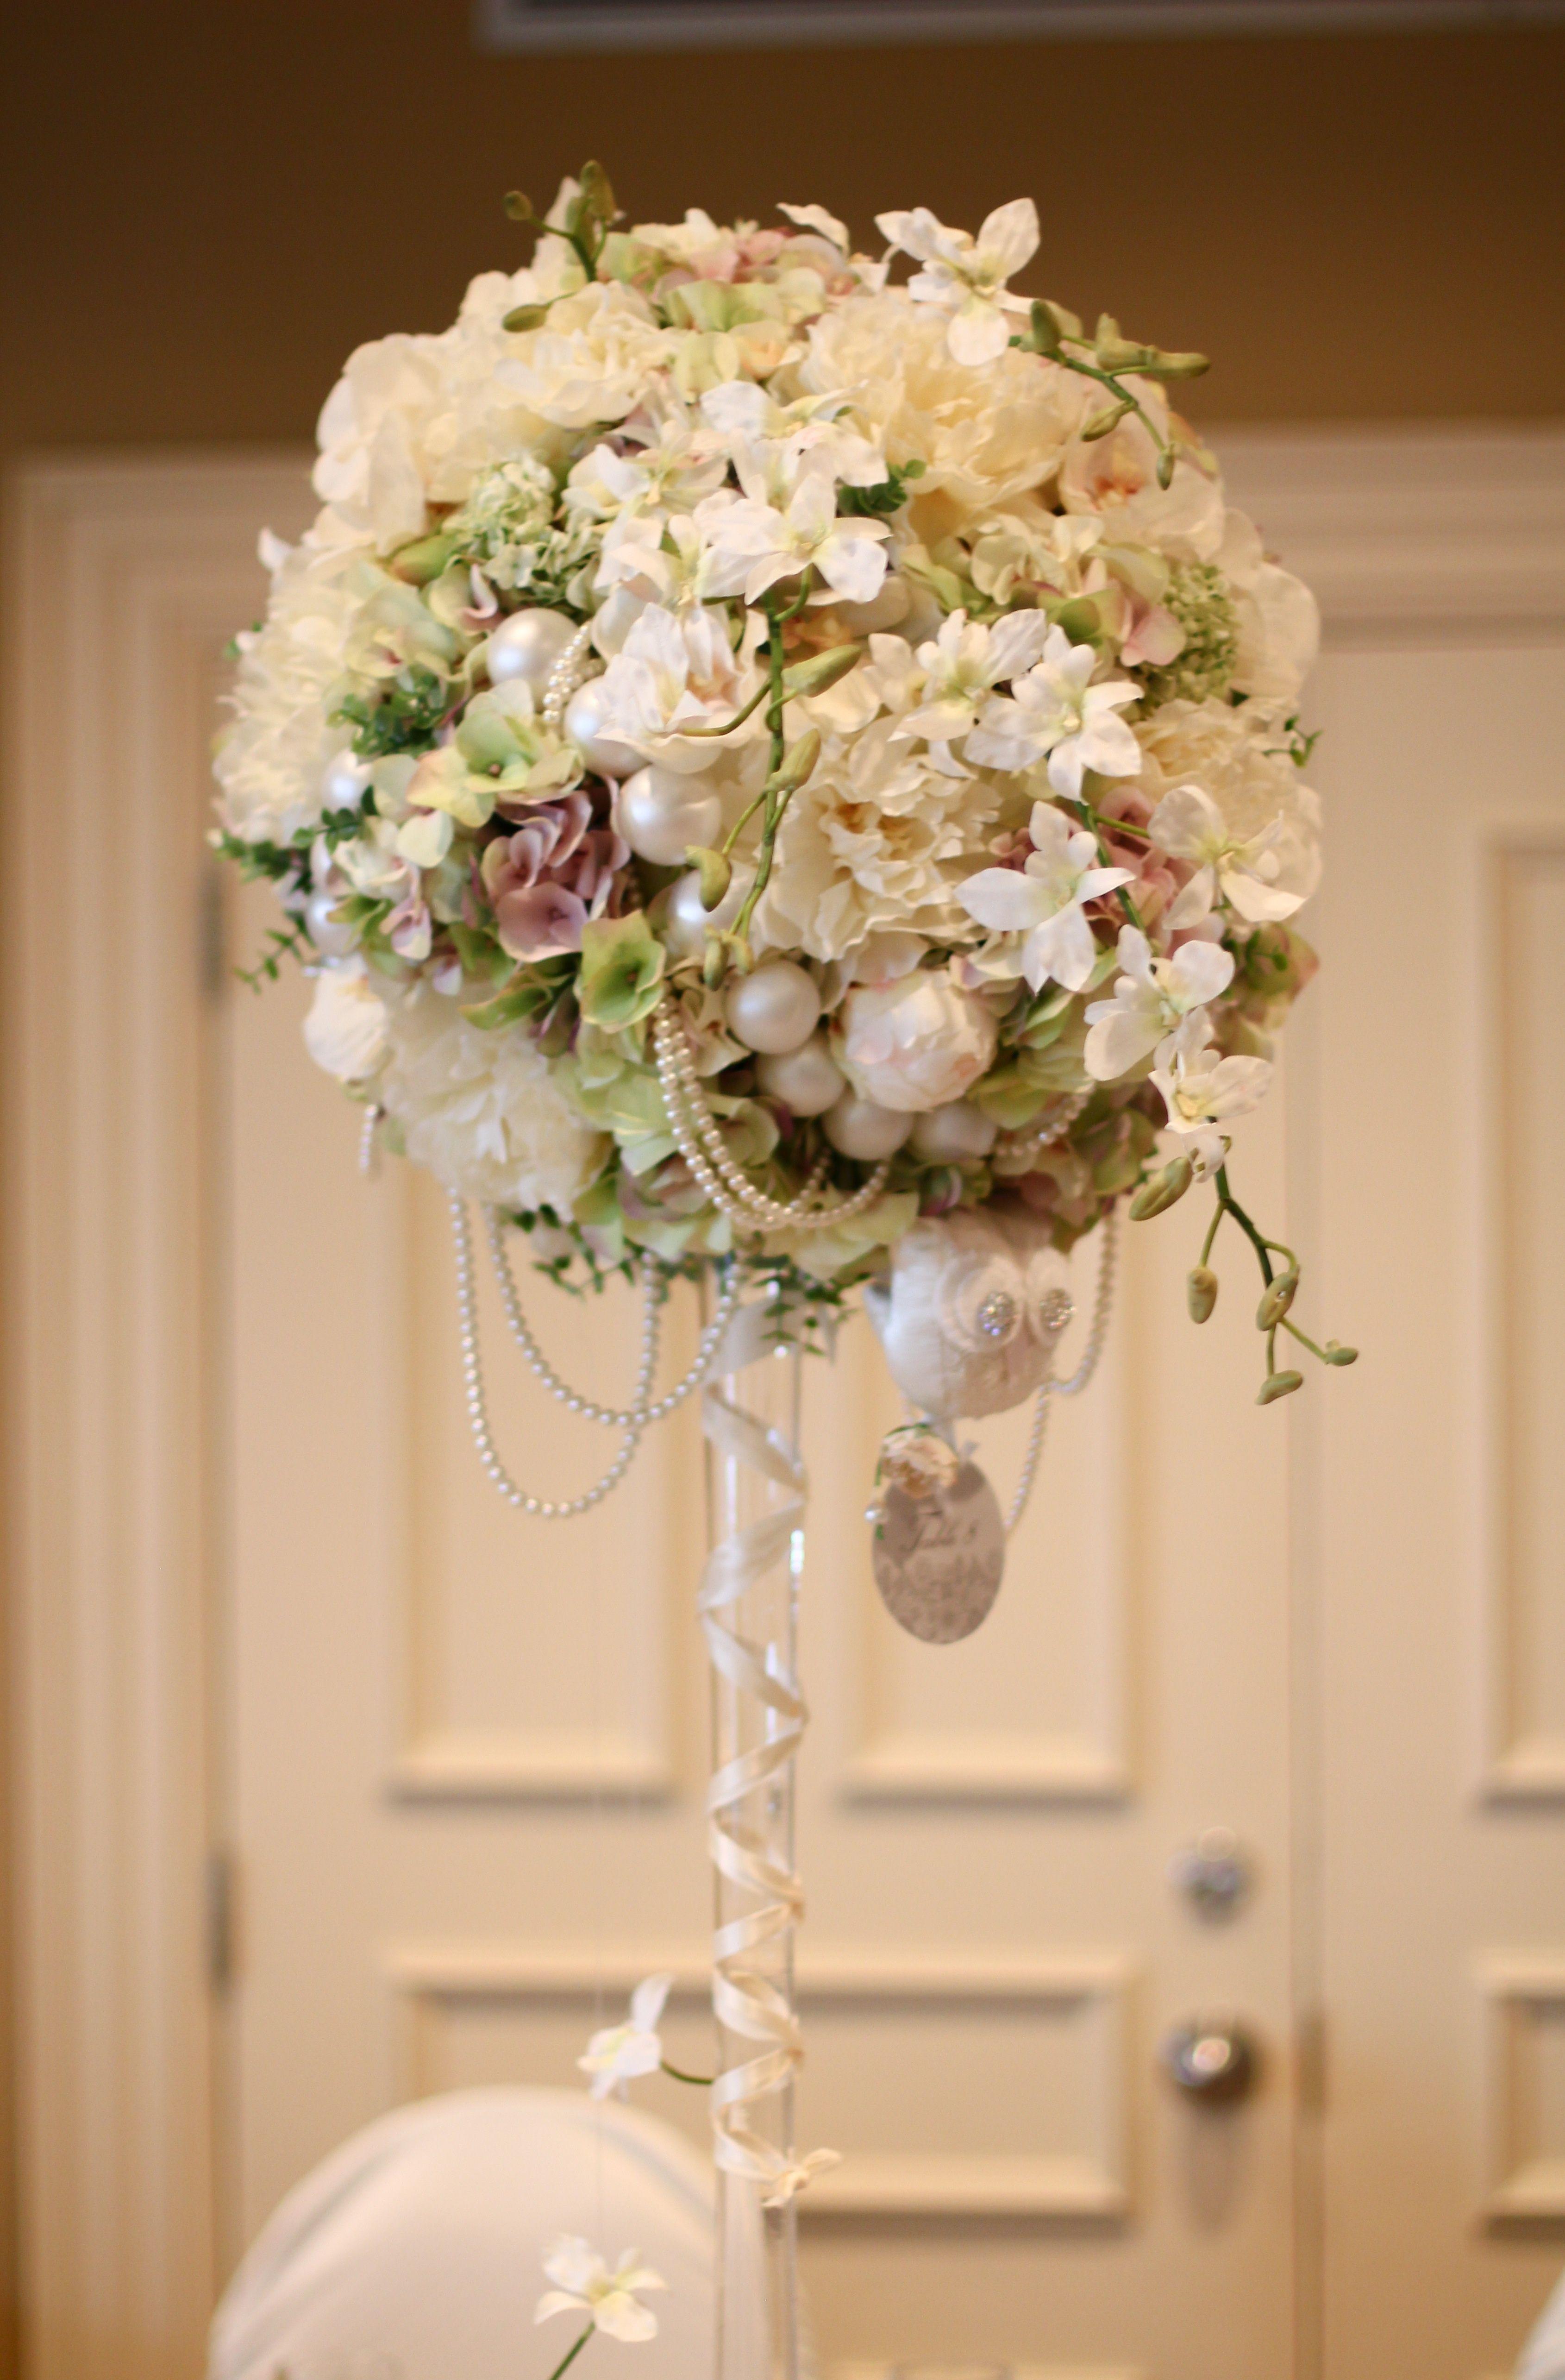 A creative centerpiece using artificial flowers and pearls.  Une centre de table créatif fait en fleurs artificielles avec des perles.